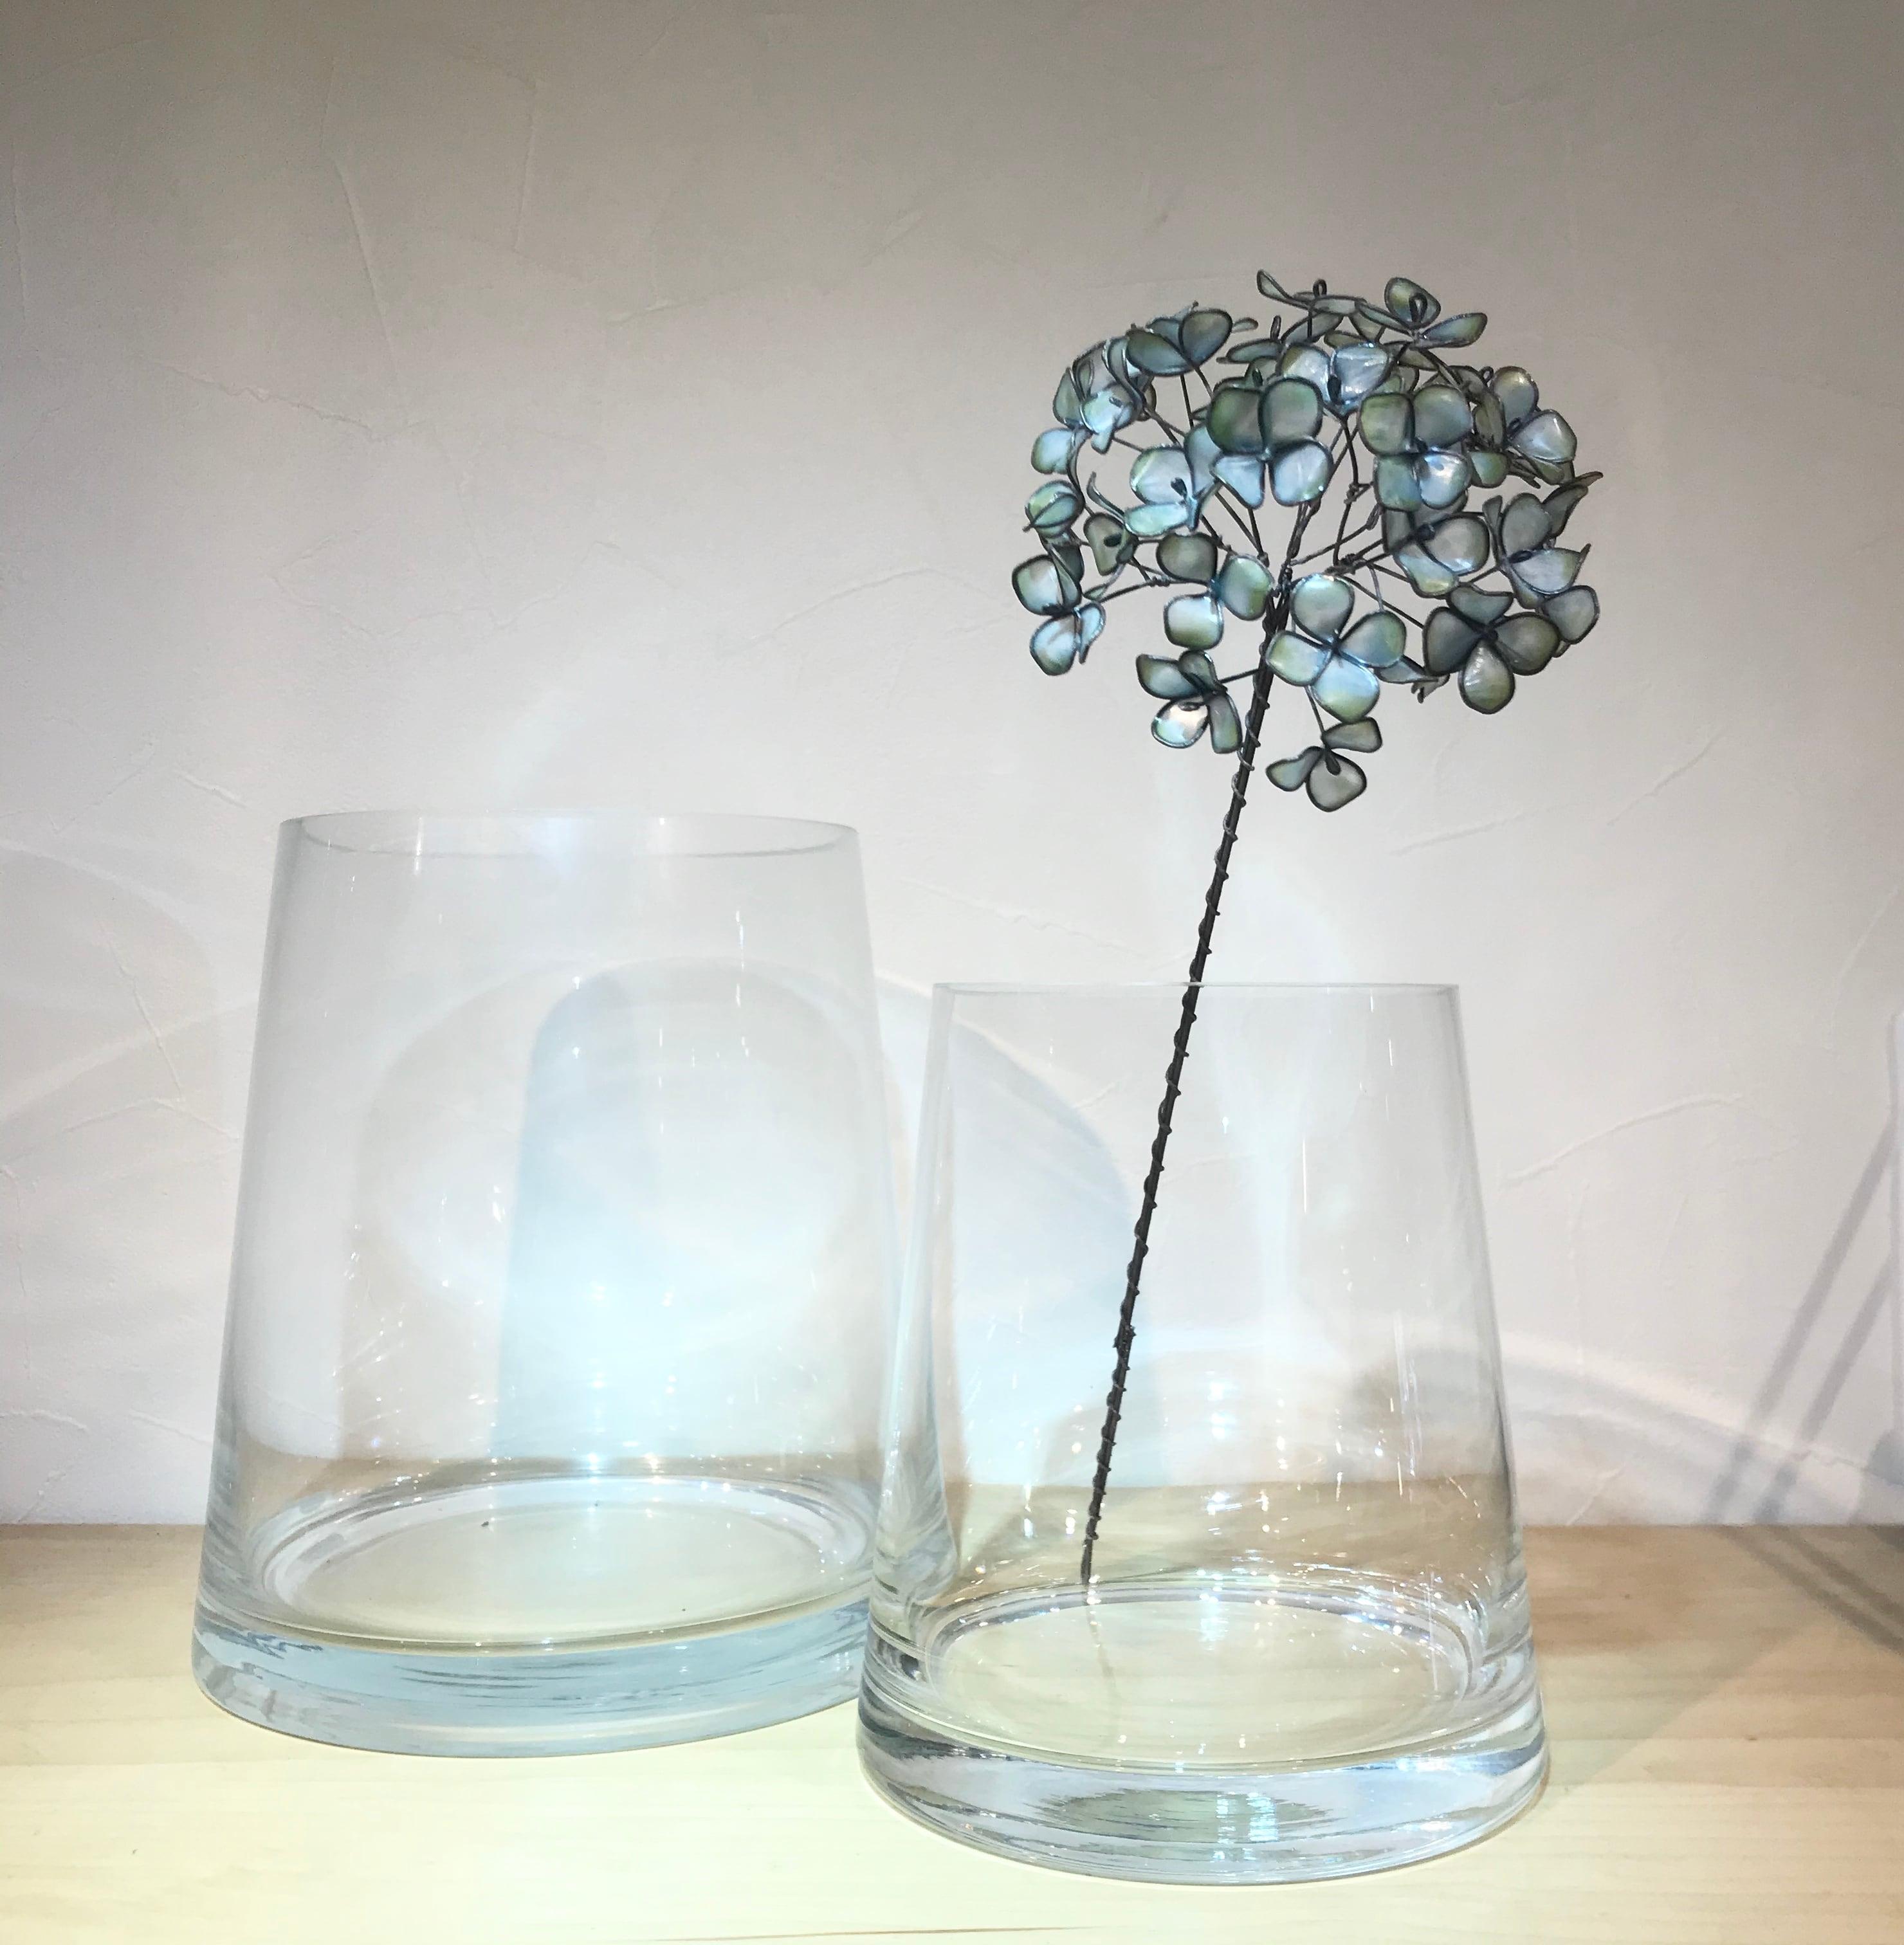 BOB CRAFT ボブクラフト キャビン Lサイズ  フラワーベース 花瓶